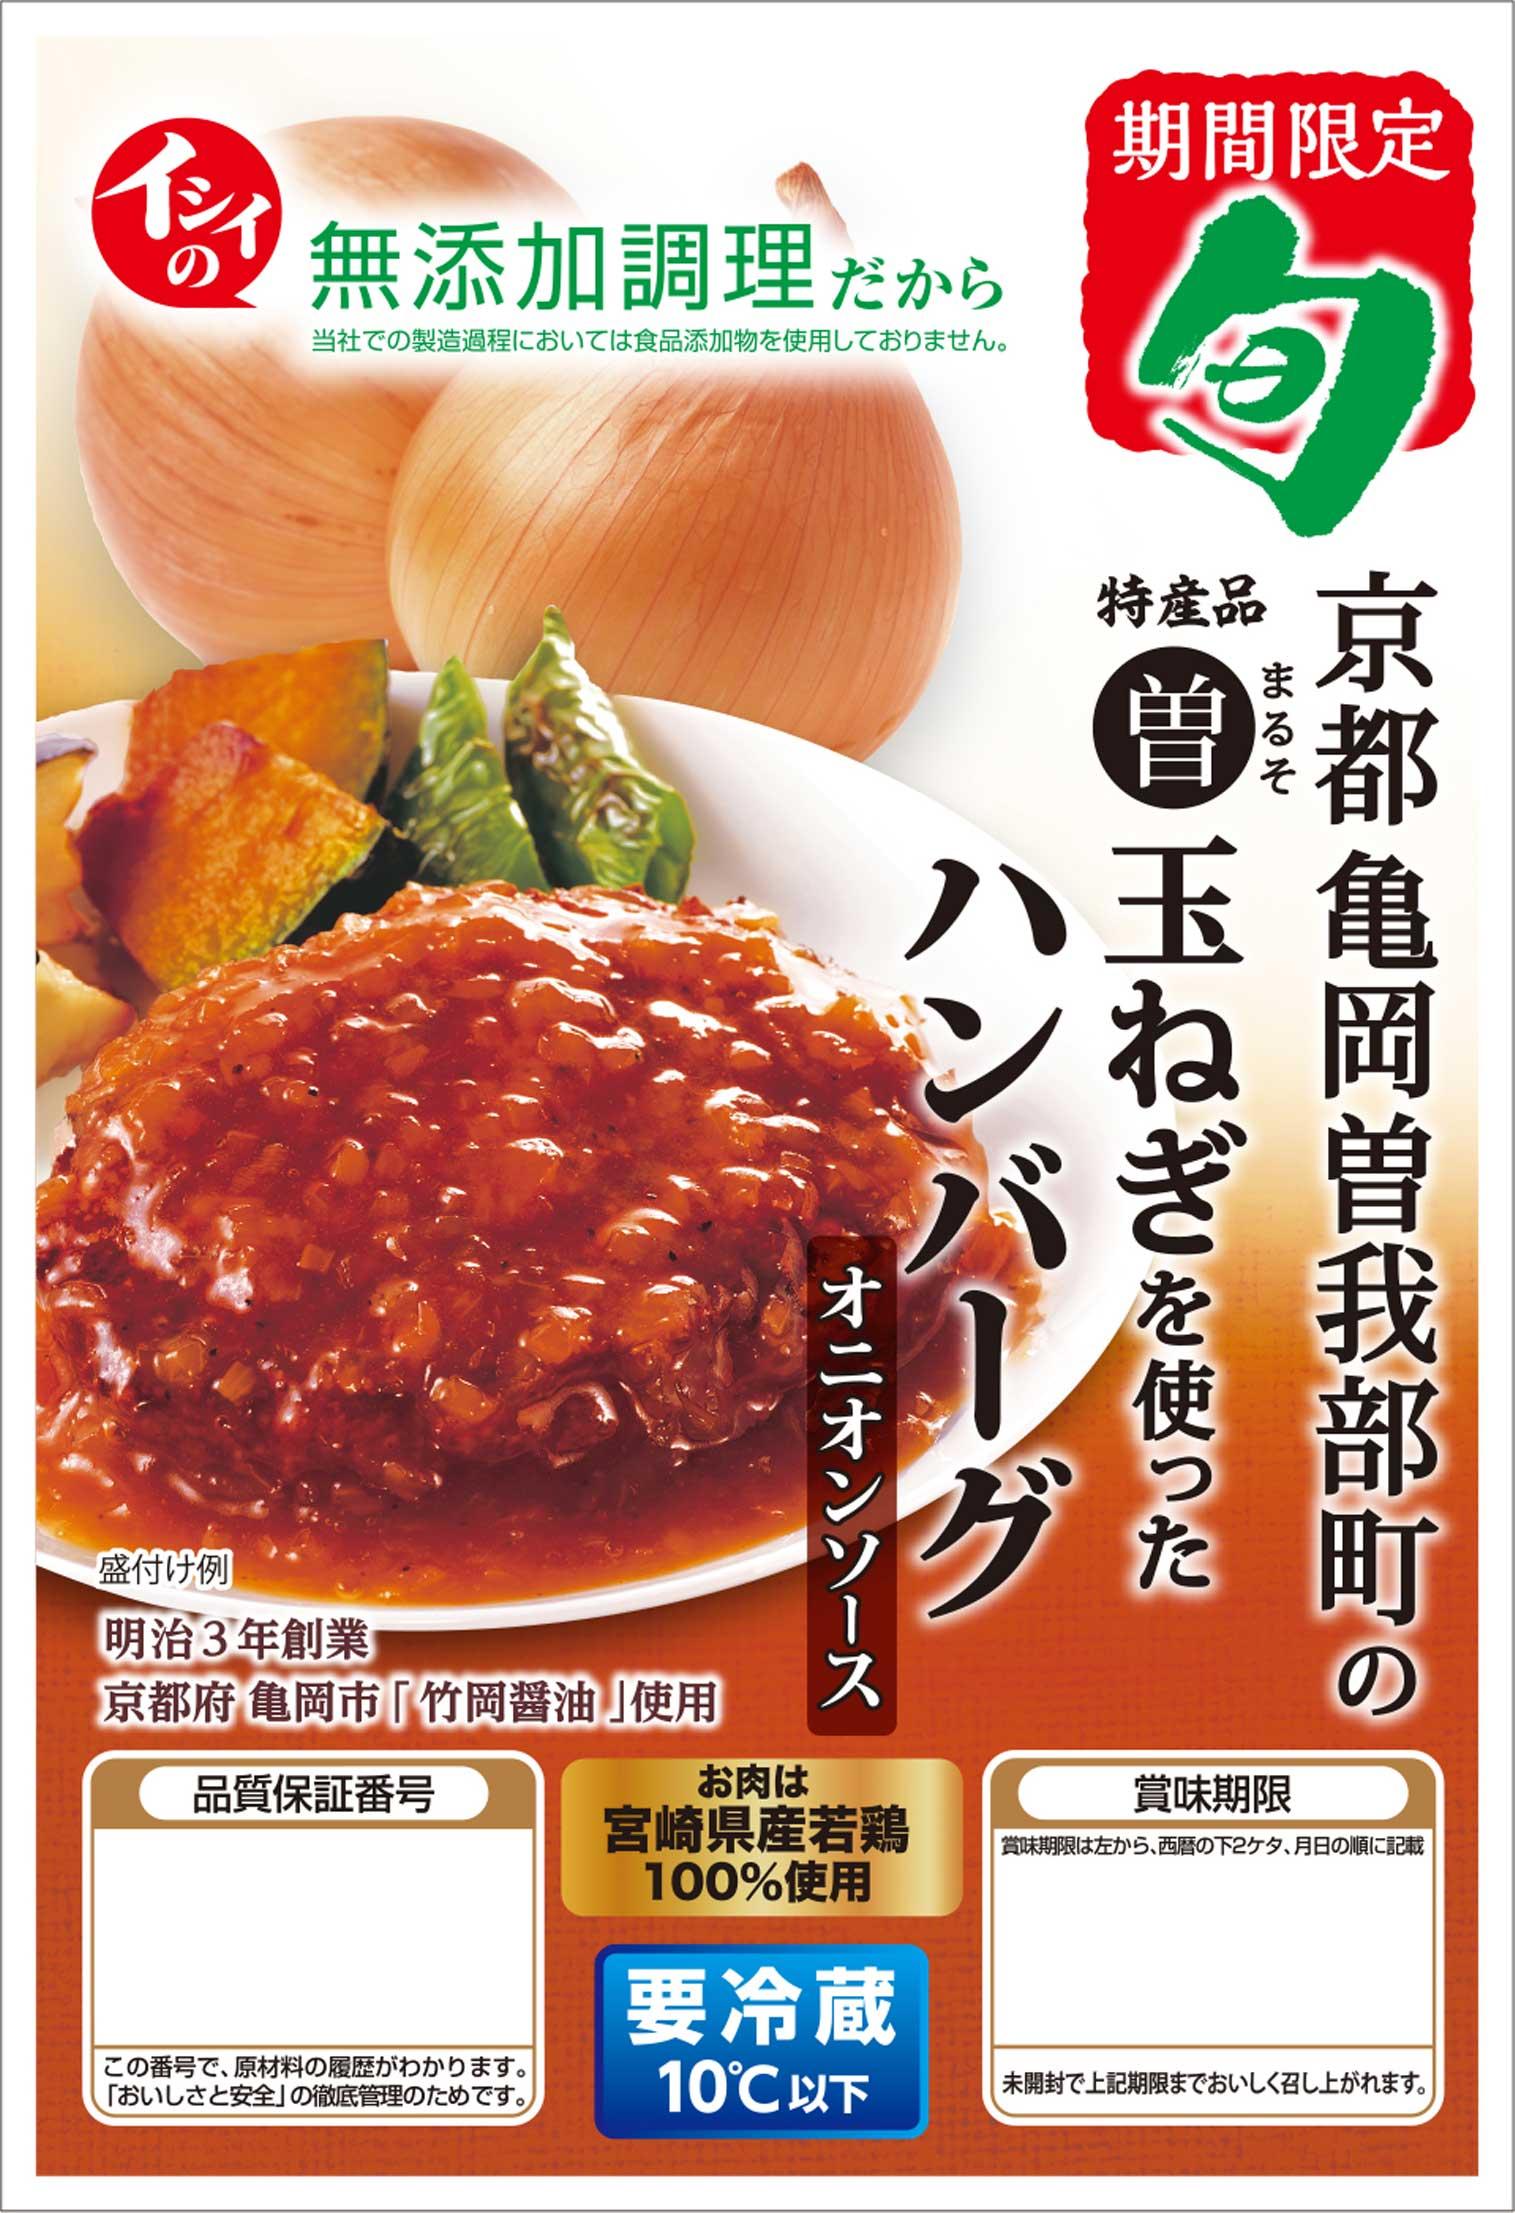 京都府亀岡市曽我部町のまる曽玉ねぎを使ったハンバーグ オニオンソース